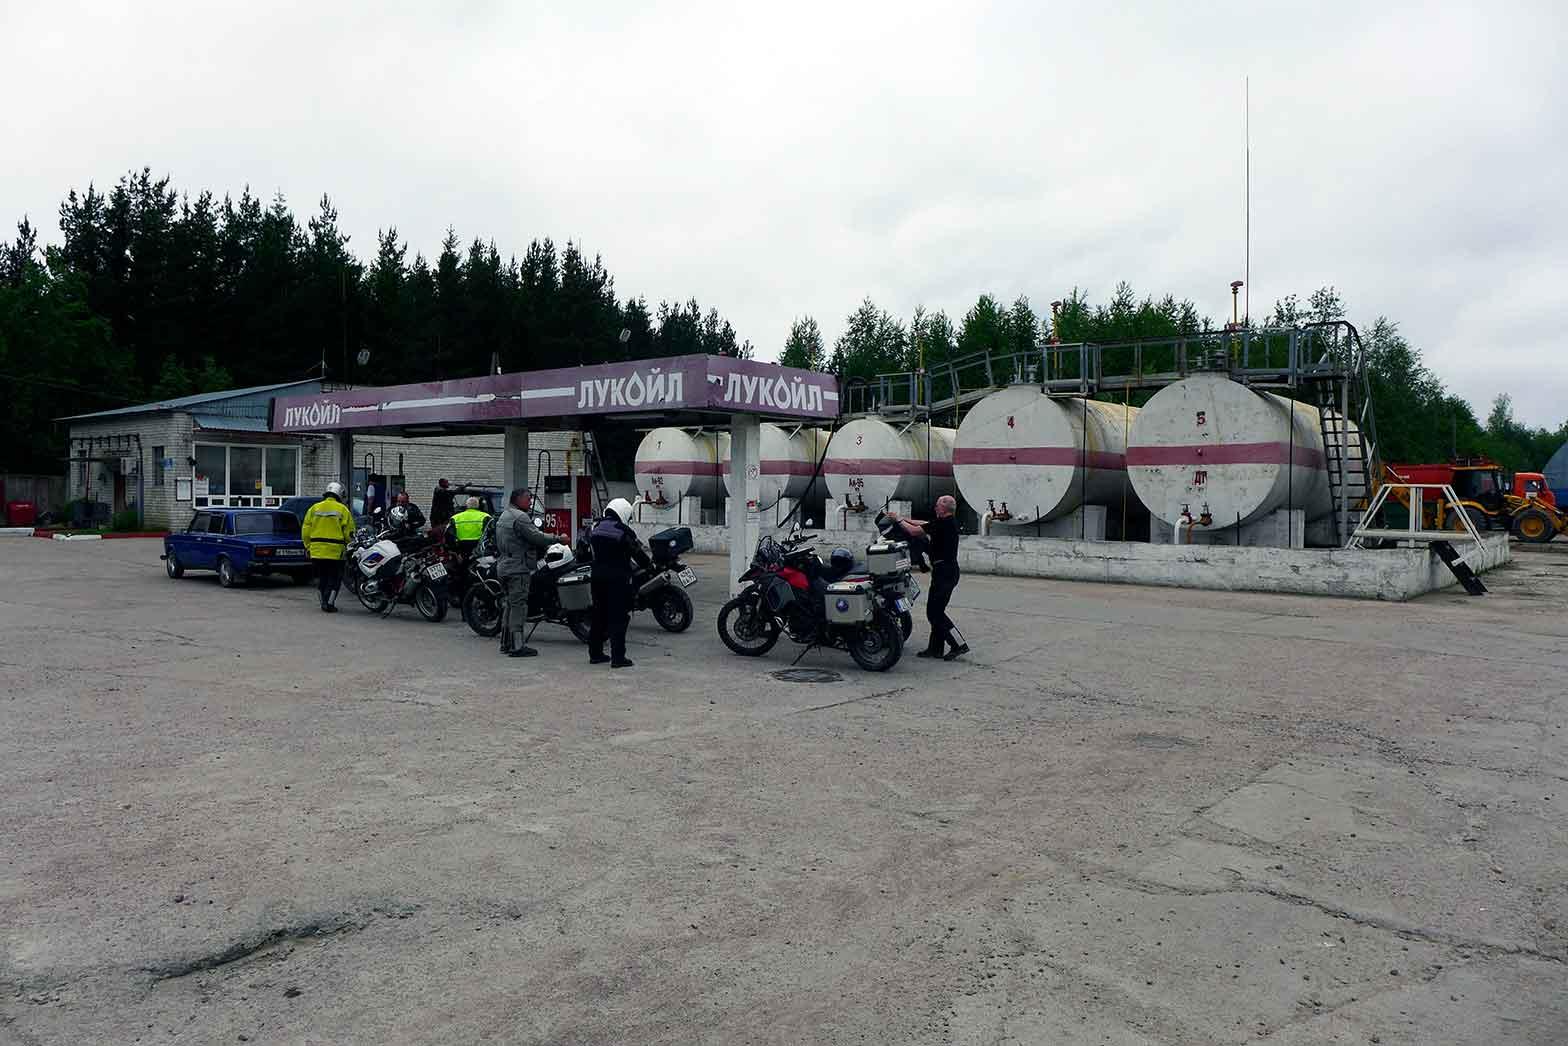 Fueling in Karelia